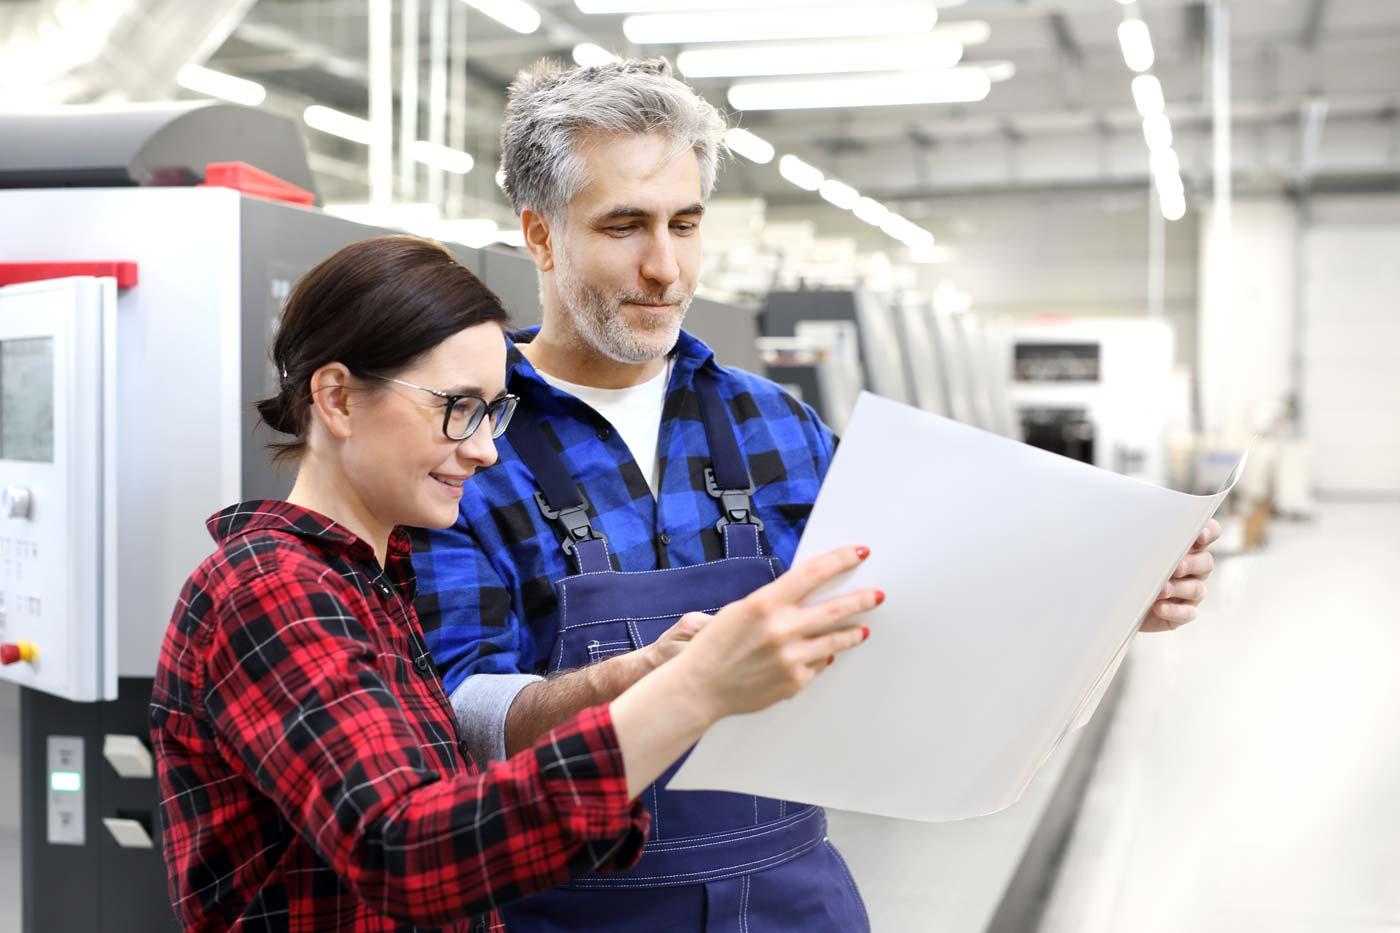 Drucker prüfen Druckbogen vor Druckmaschine